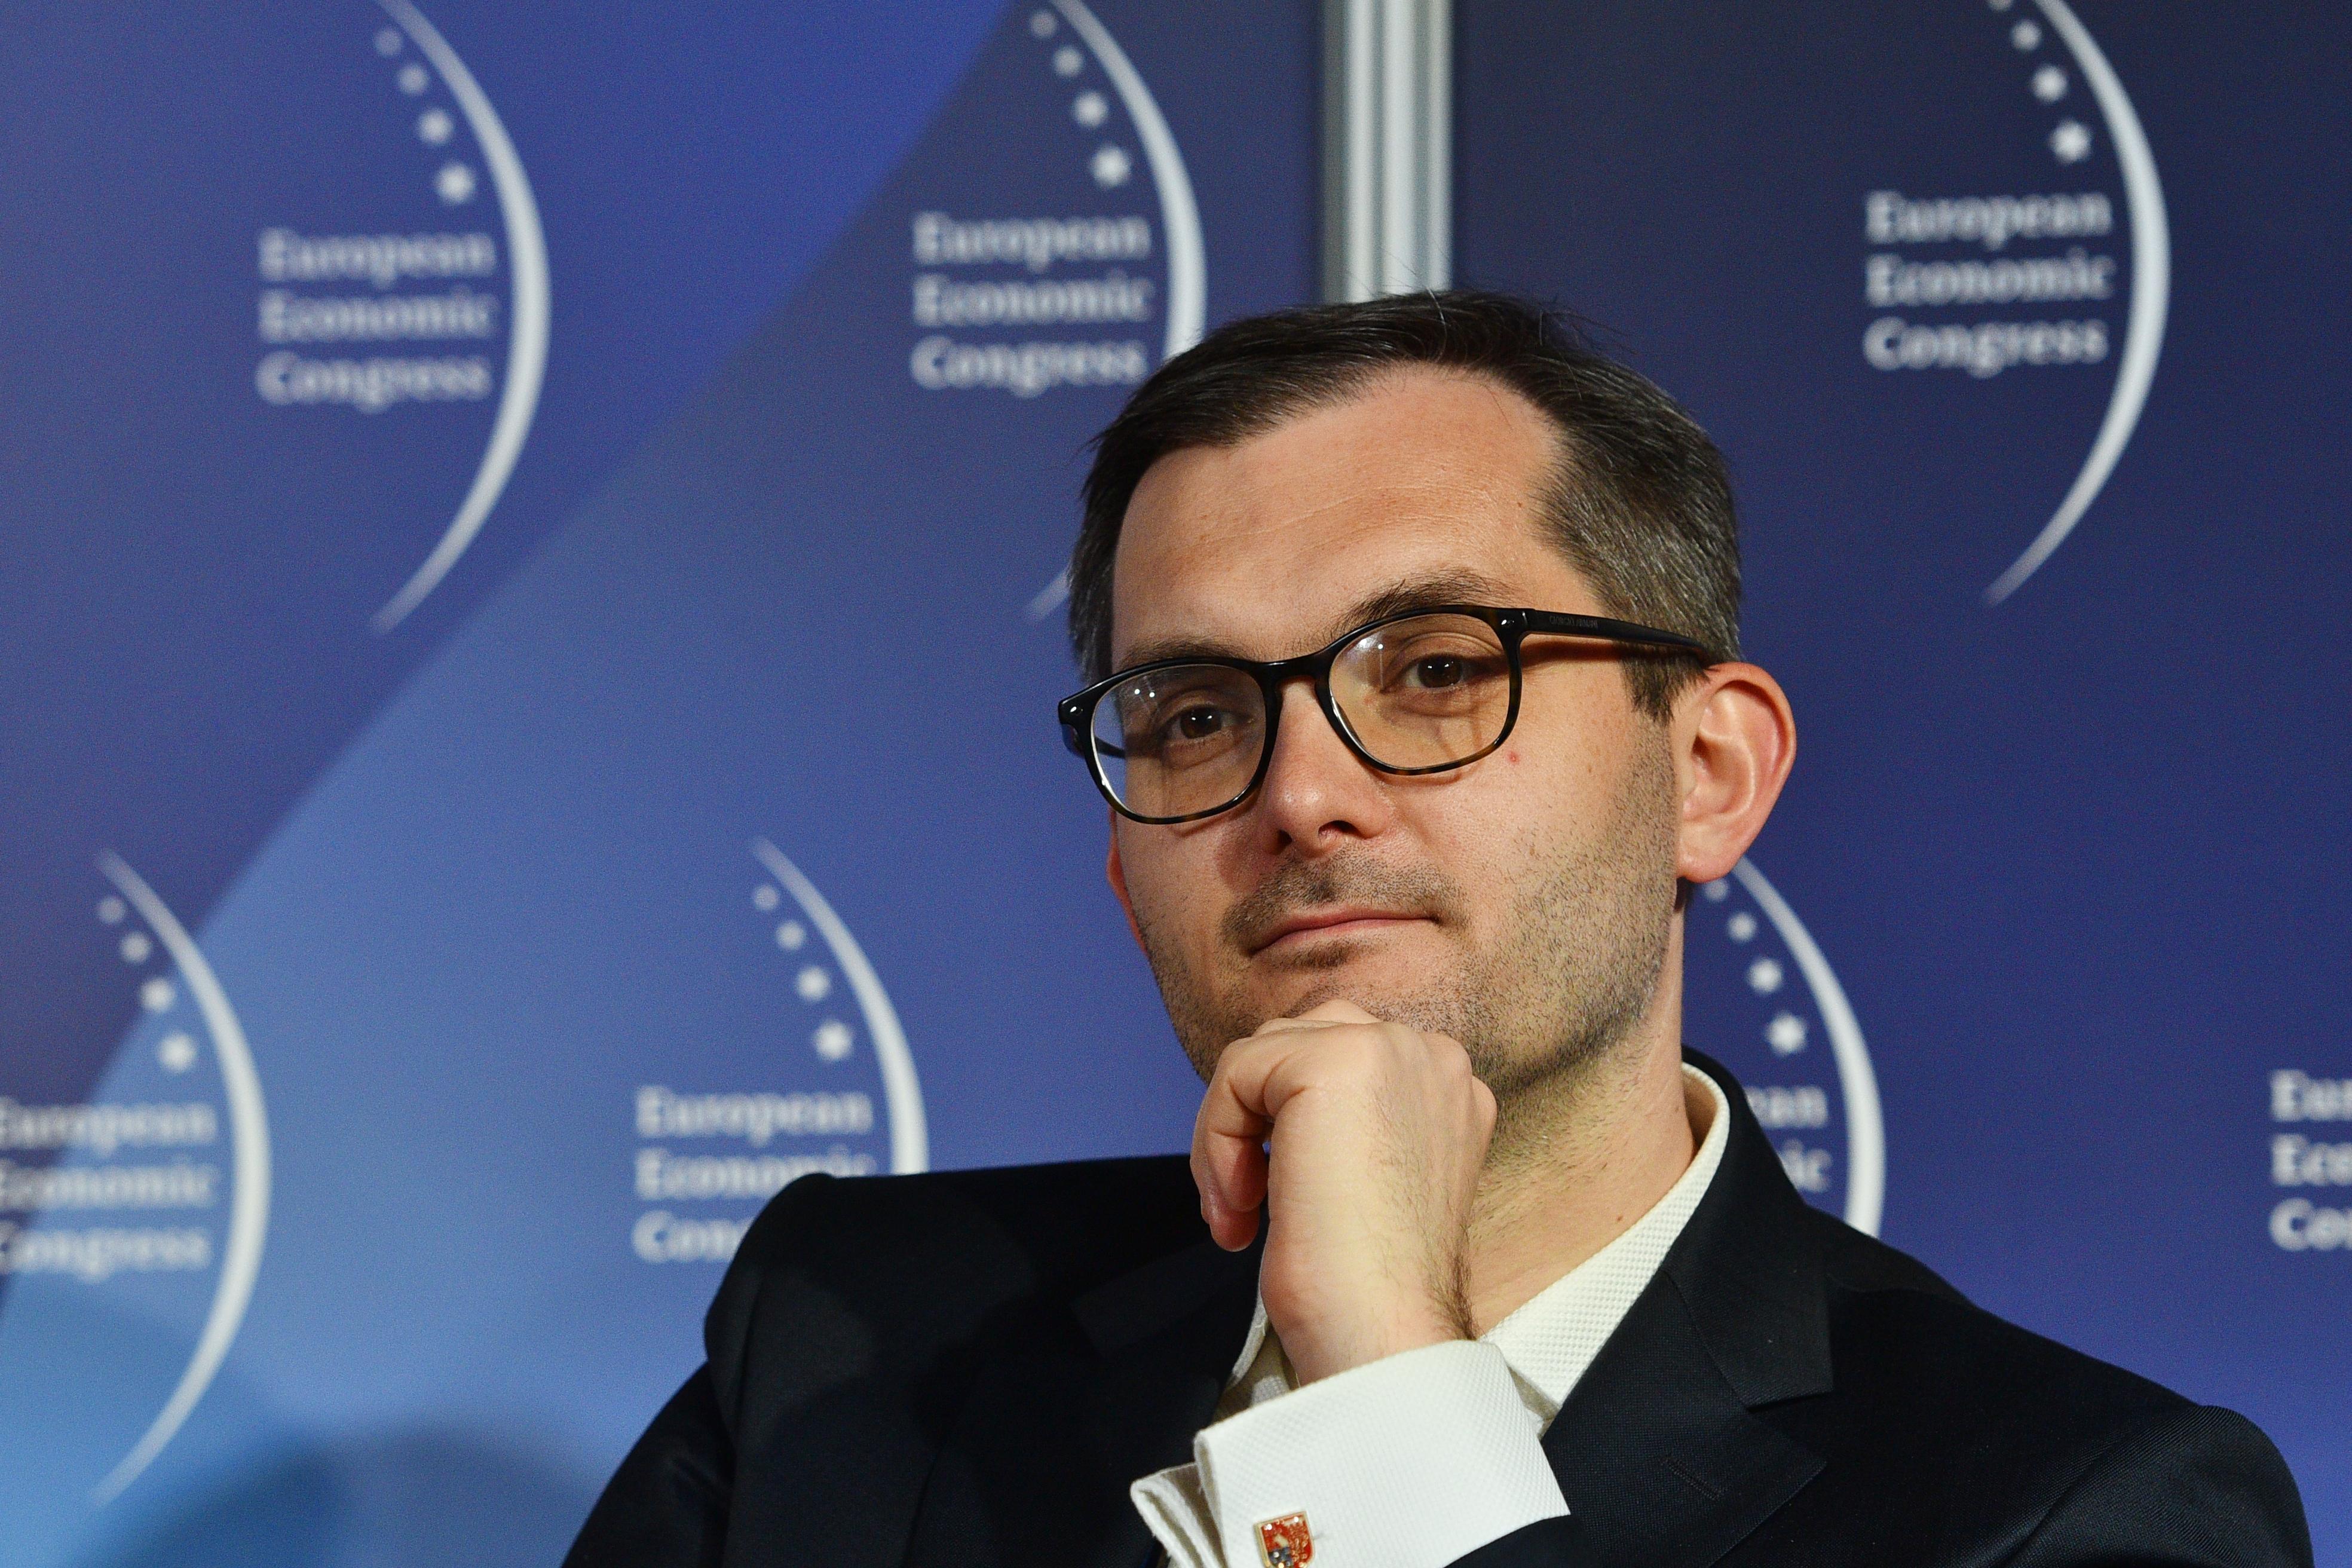 Marek Niedużak: Po sześciu miesiącach 5 tys. zarządców sukcesyjnych to niezły wynik, ale to wciąż za mało w stosunku do potrzeb. Mam nadzieję, że ze wzrostem świadomości ta liczba się zwiększy.